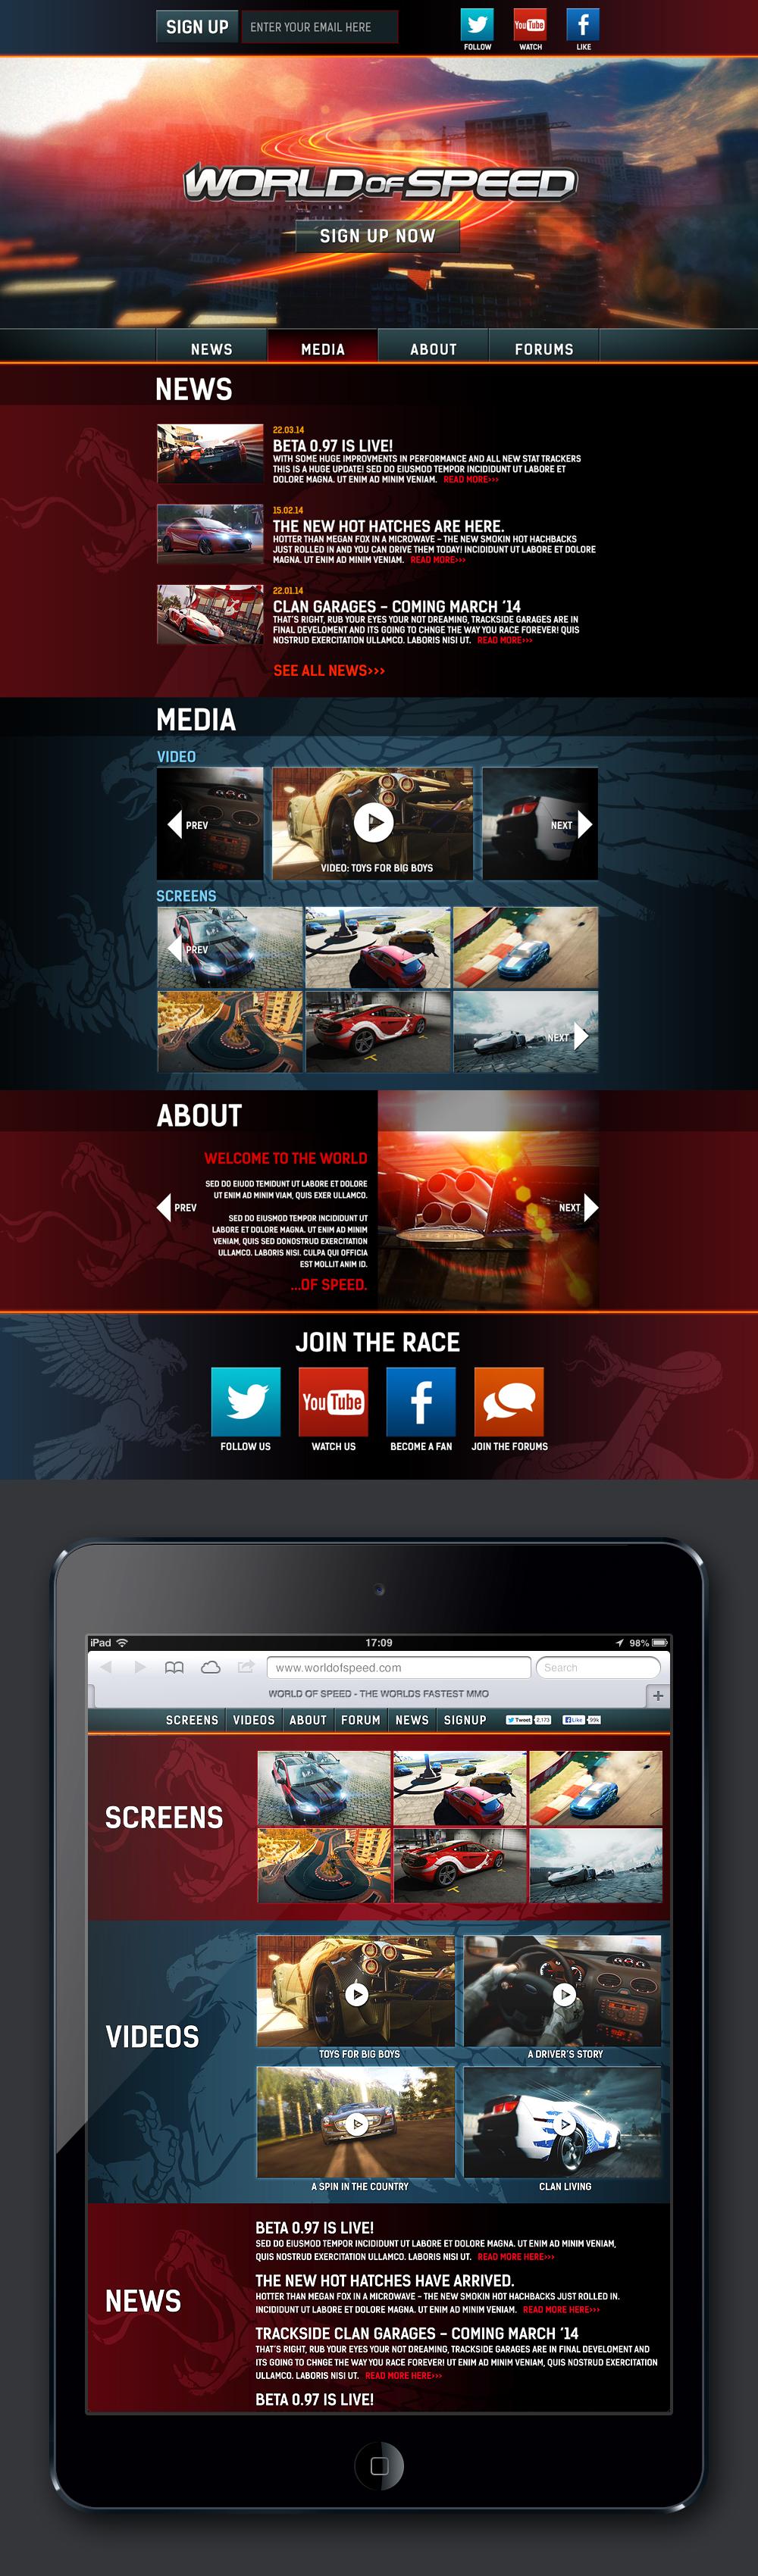 WoS webdesign.jpg